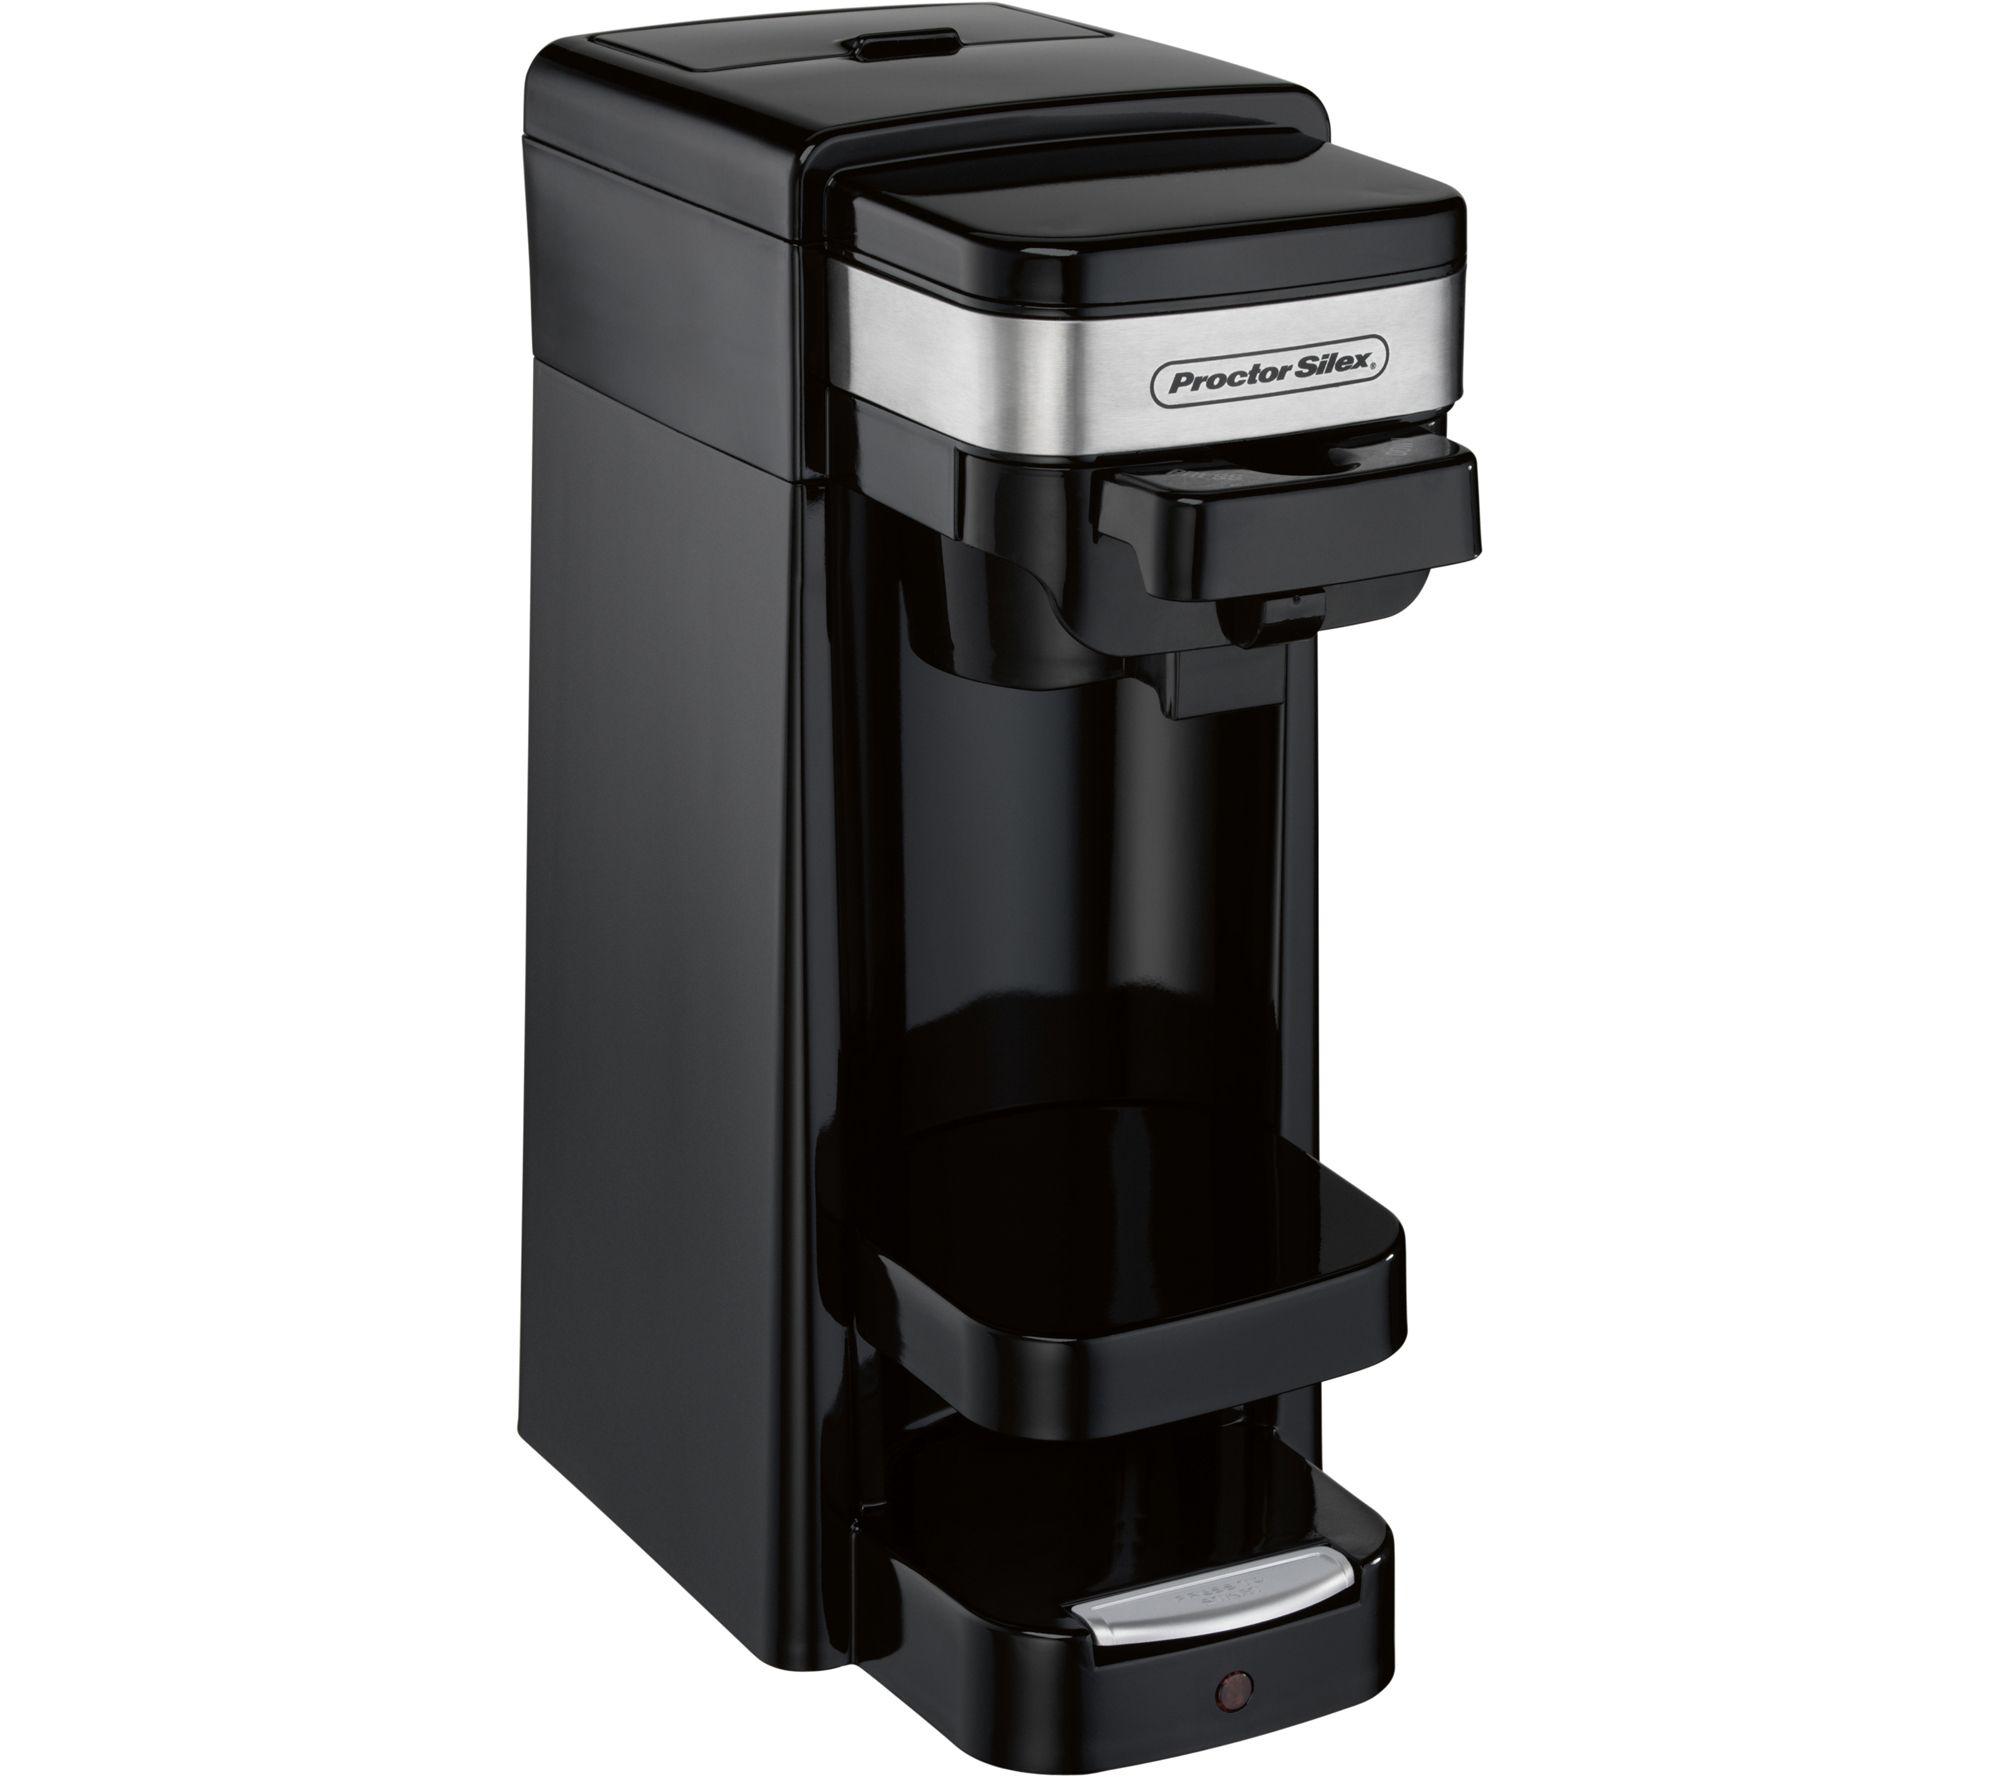 proctor silex single serve plus coffee maker qvc com rh qvc com proctor silex coffee maker 45100 manual proctor silex single serve coffee maker manual